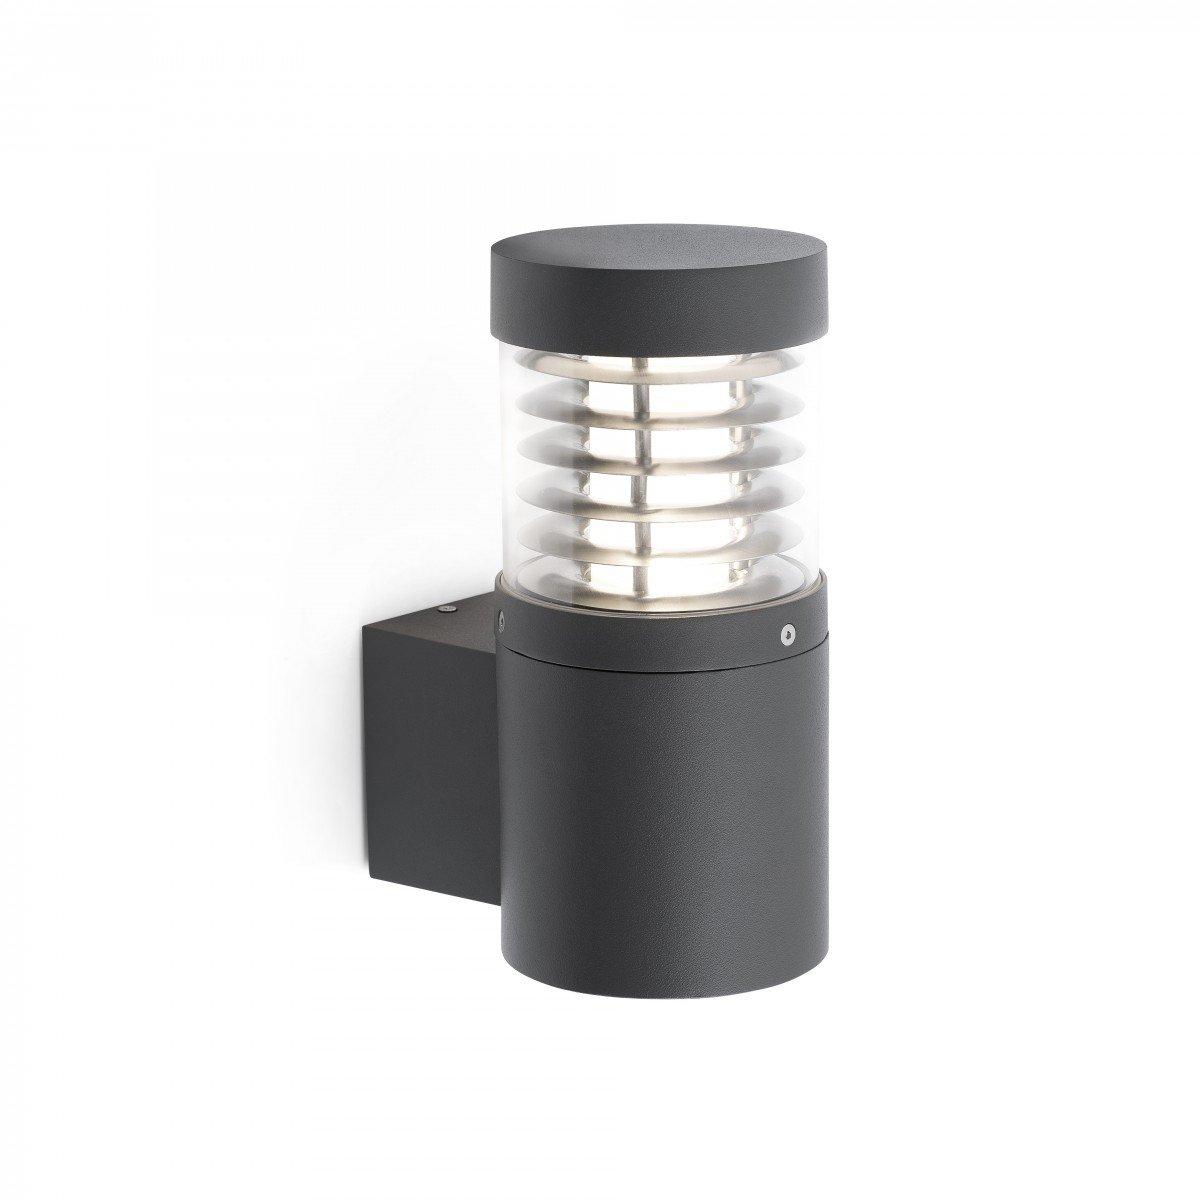 Faro giza led l mpara aplique exterior gris oscuro 70766 for Iluminacion exterior lamparas